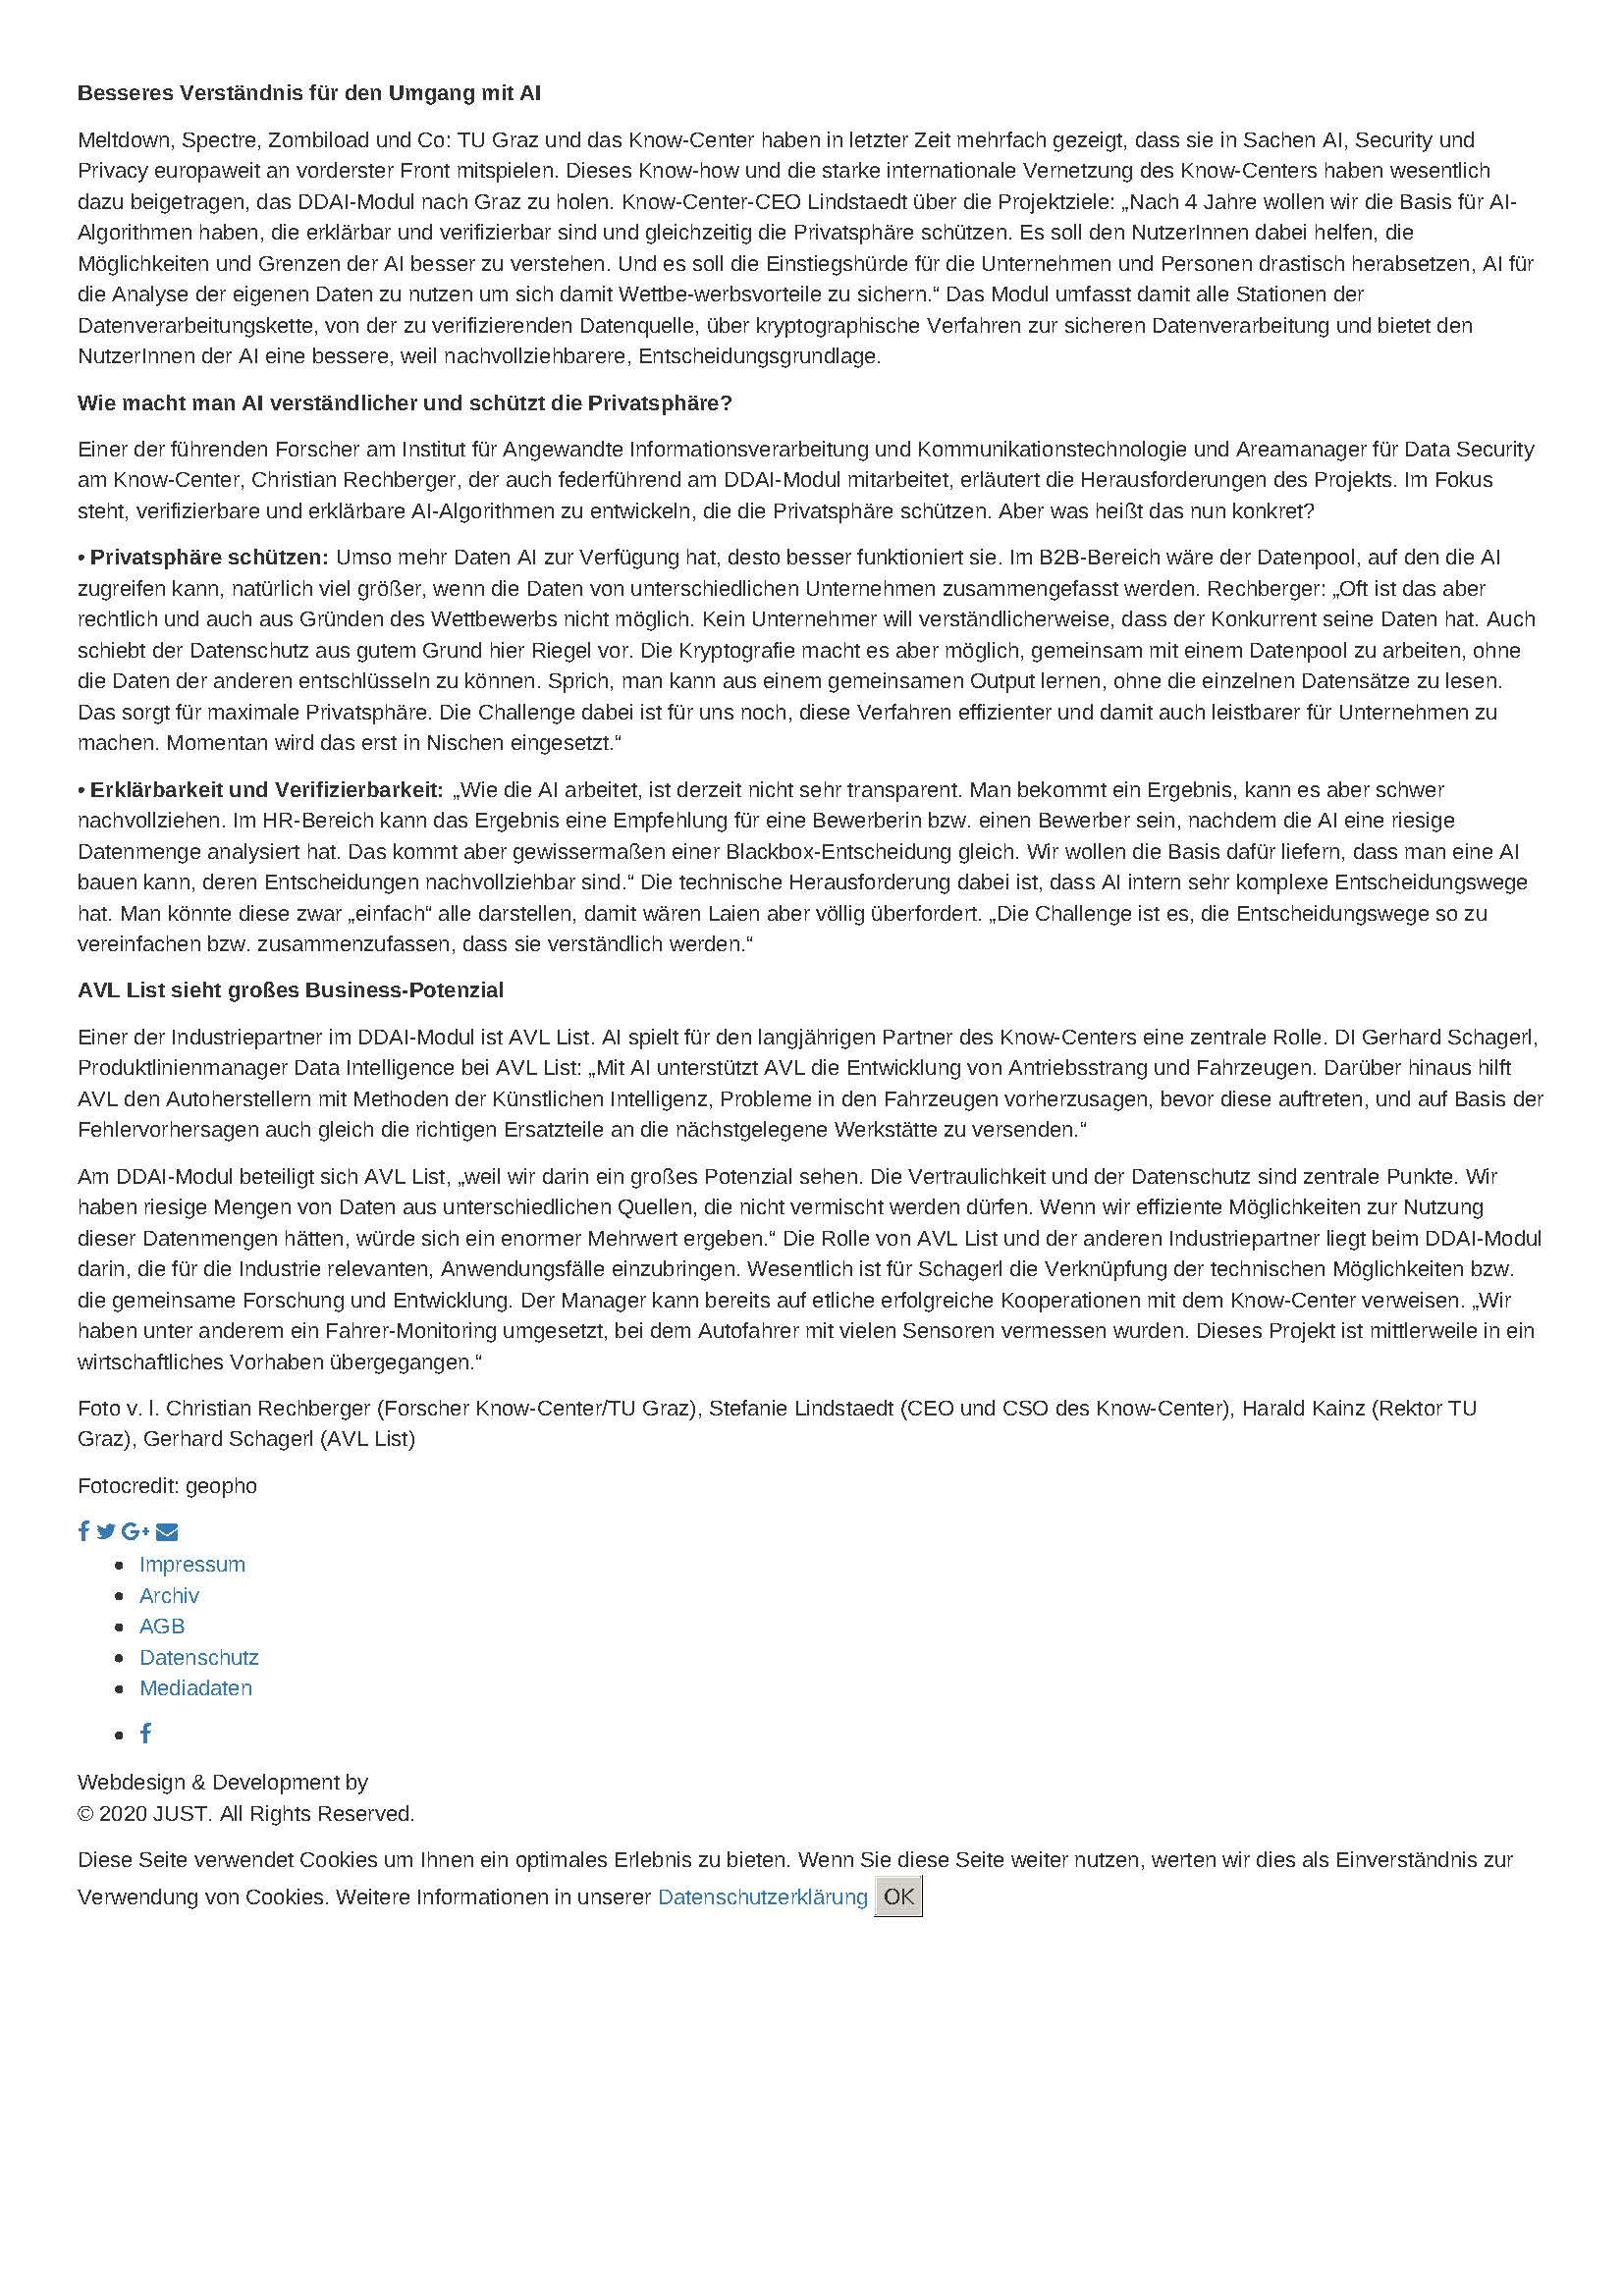 2020-02-10_Just_So machen Grazer ForscherInnen AI sicherer und nachvollziehbarer_Seite_2